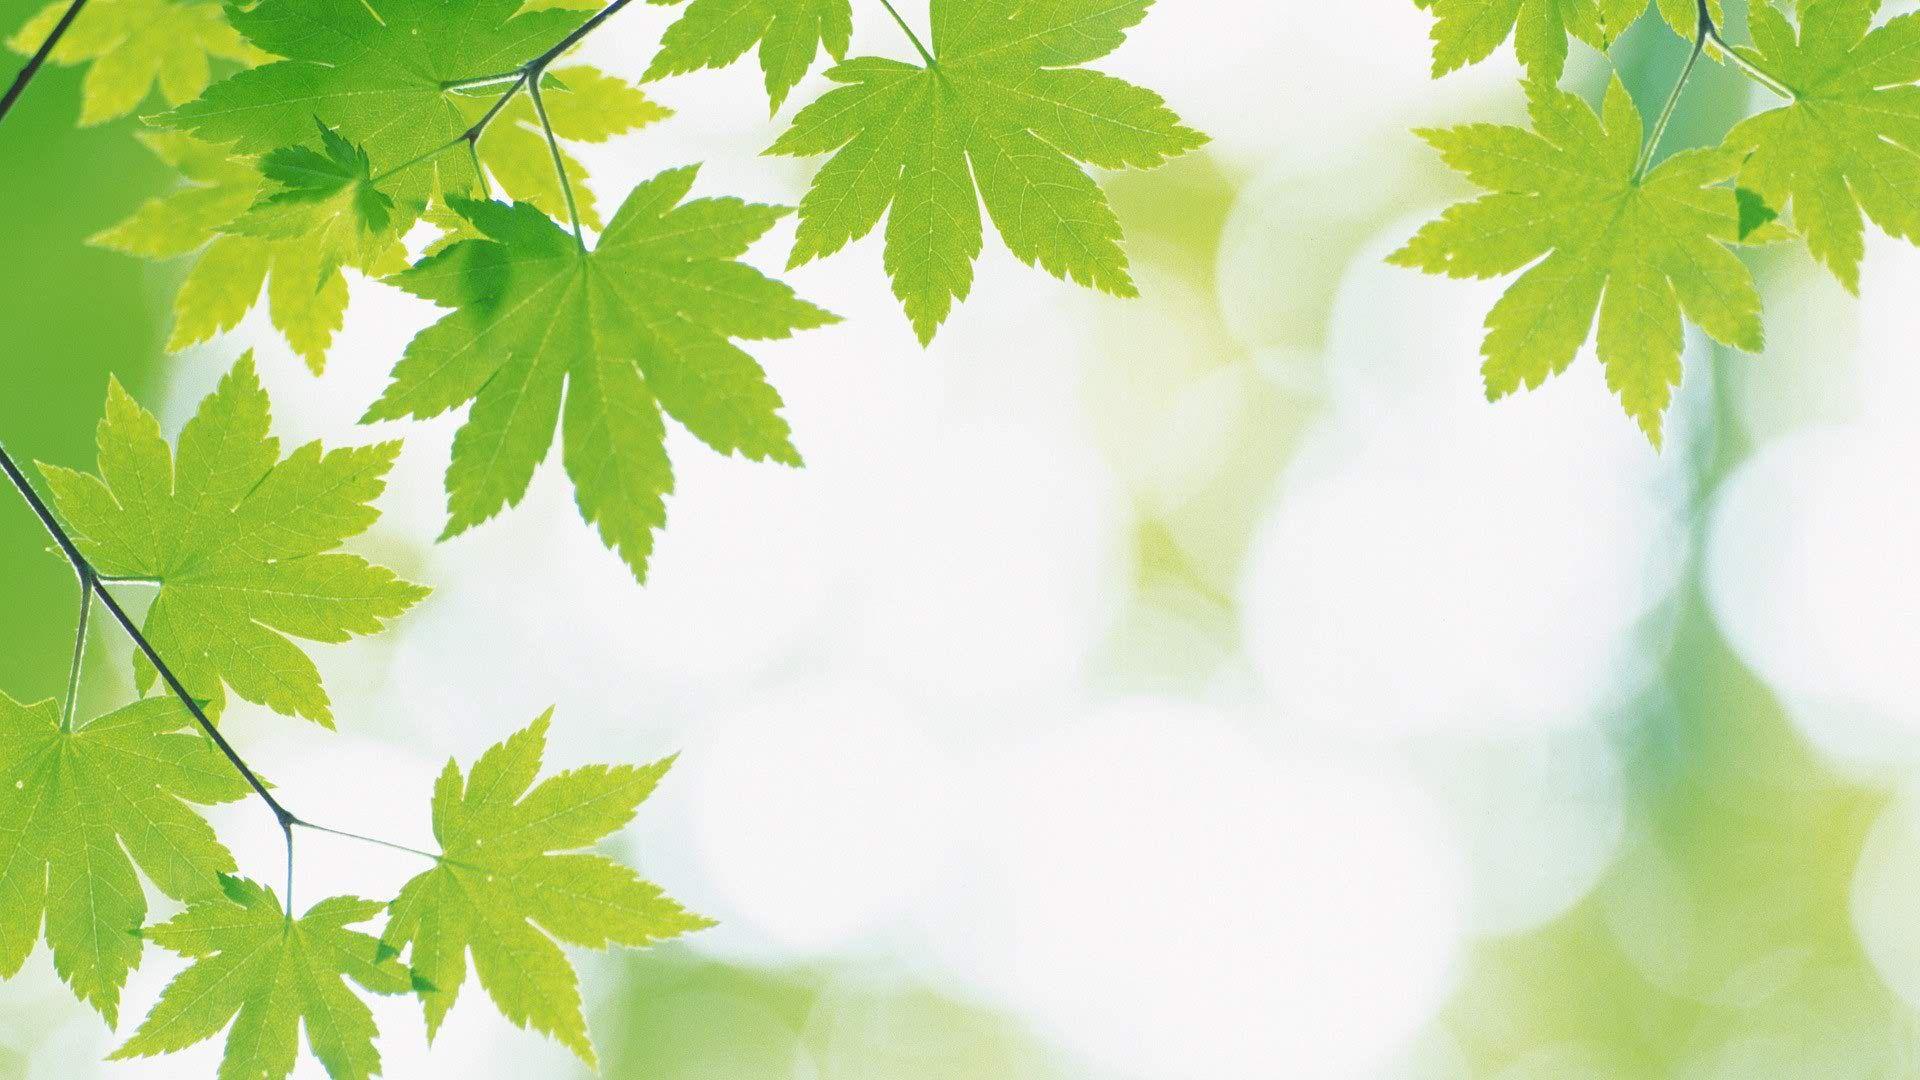 Foliage Free Desktop Wallpaper